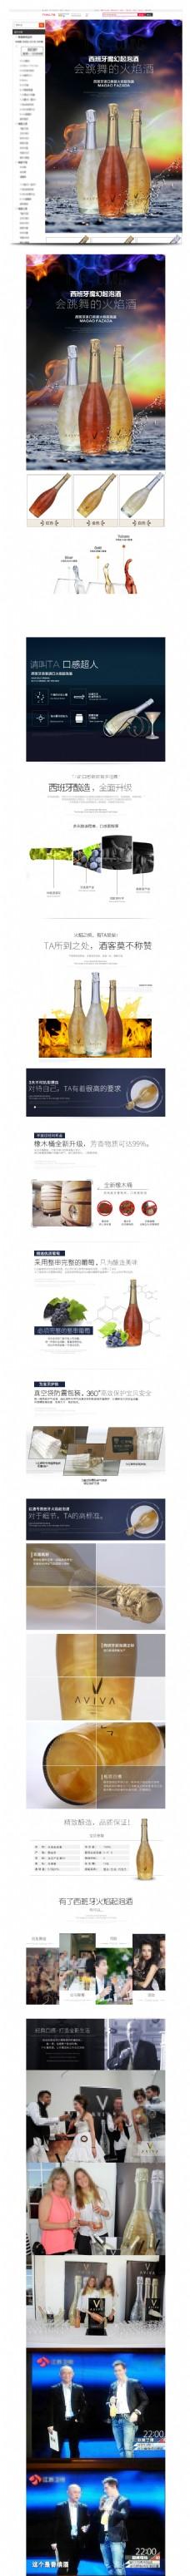 红酒果酒详情页模板